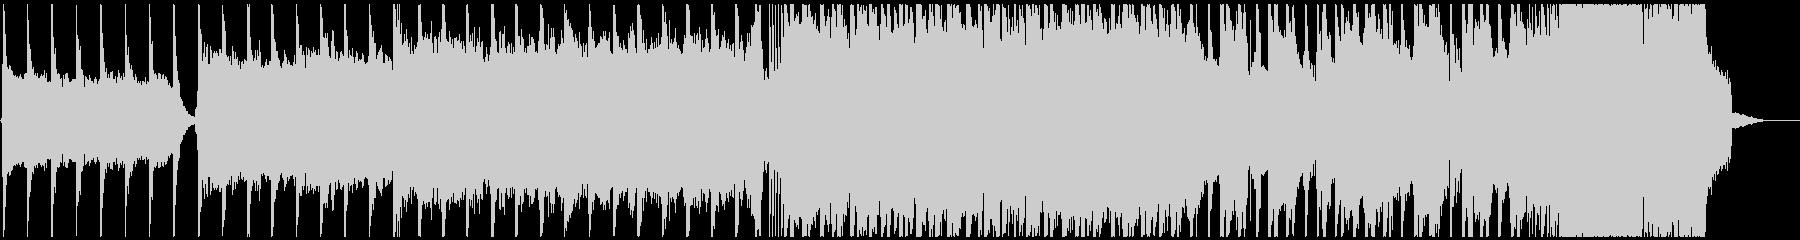 戦闘BGMのメタル曲の未再生の波形